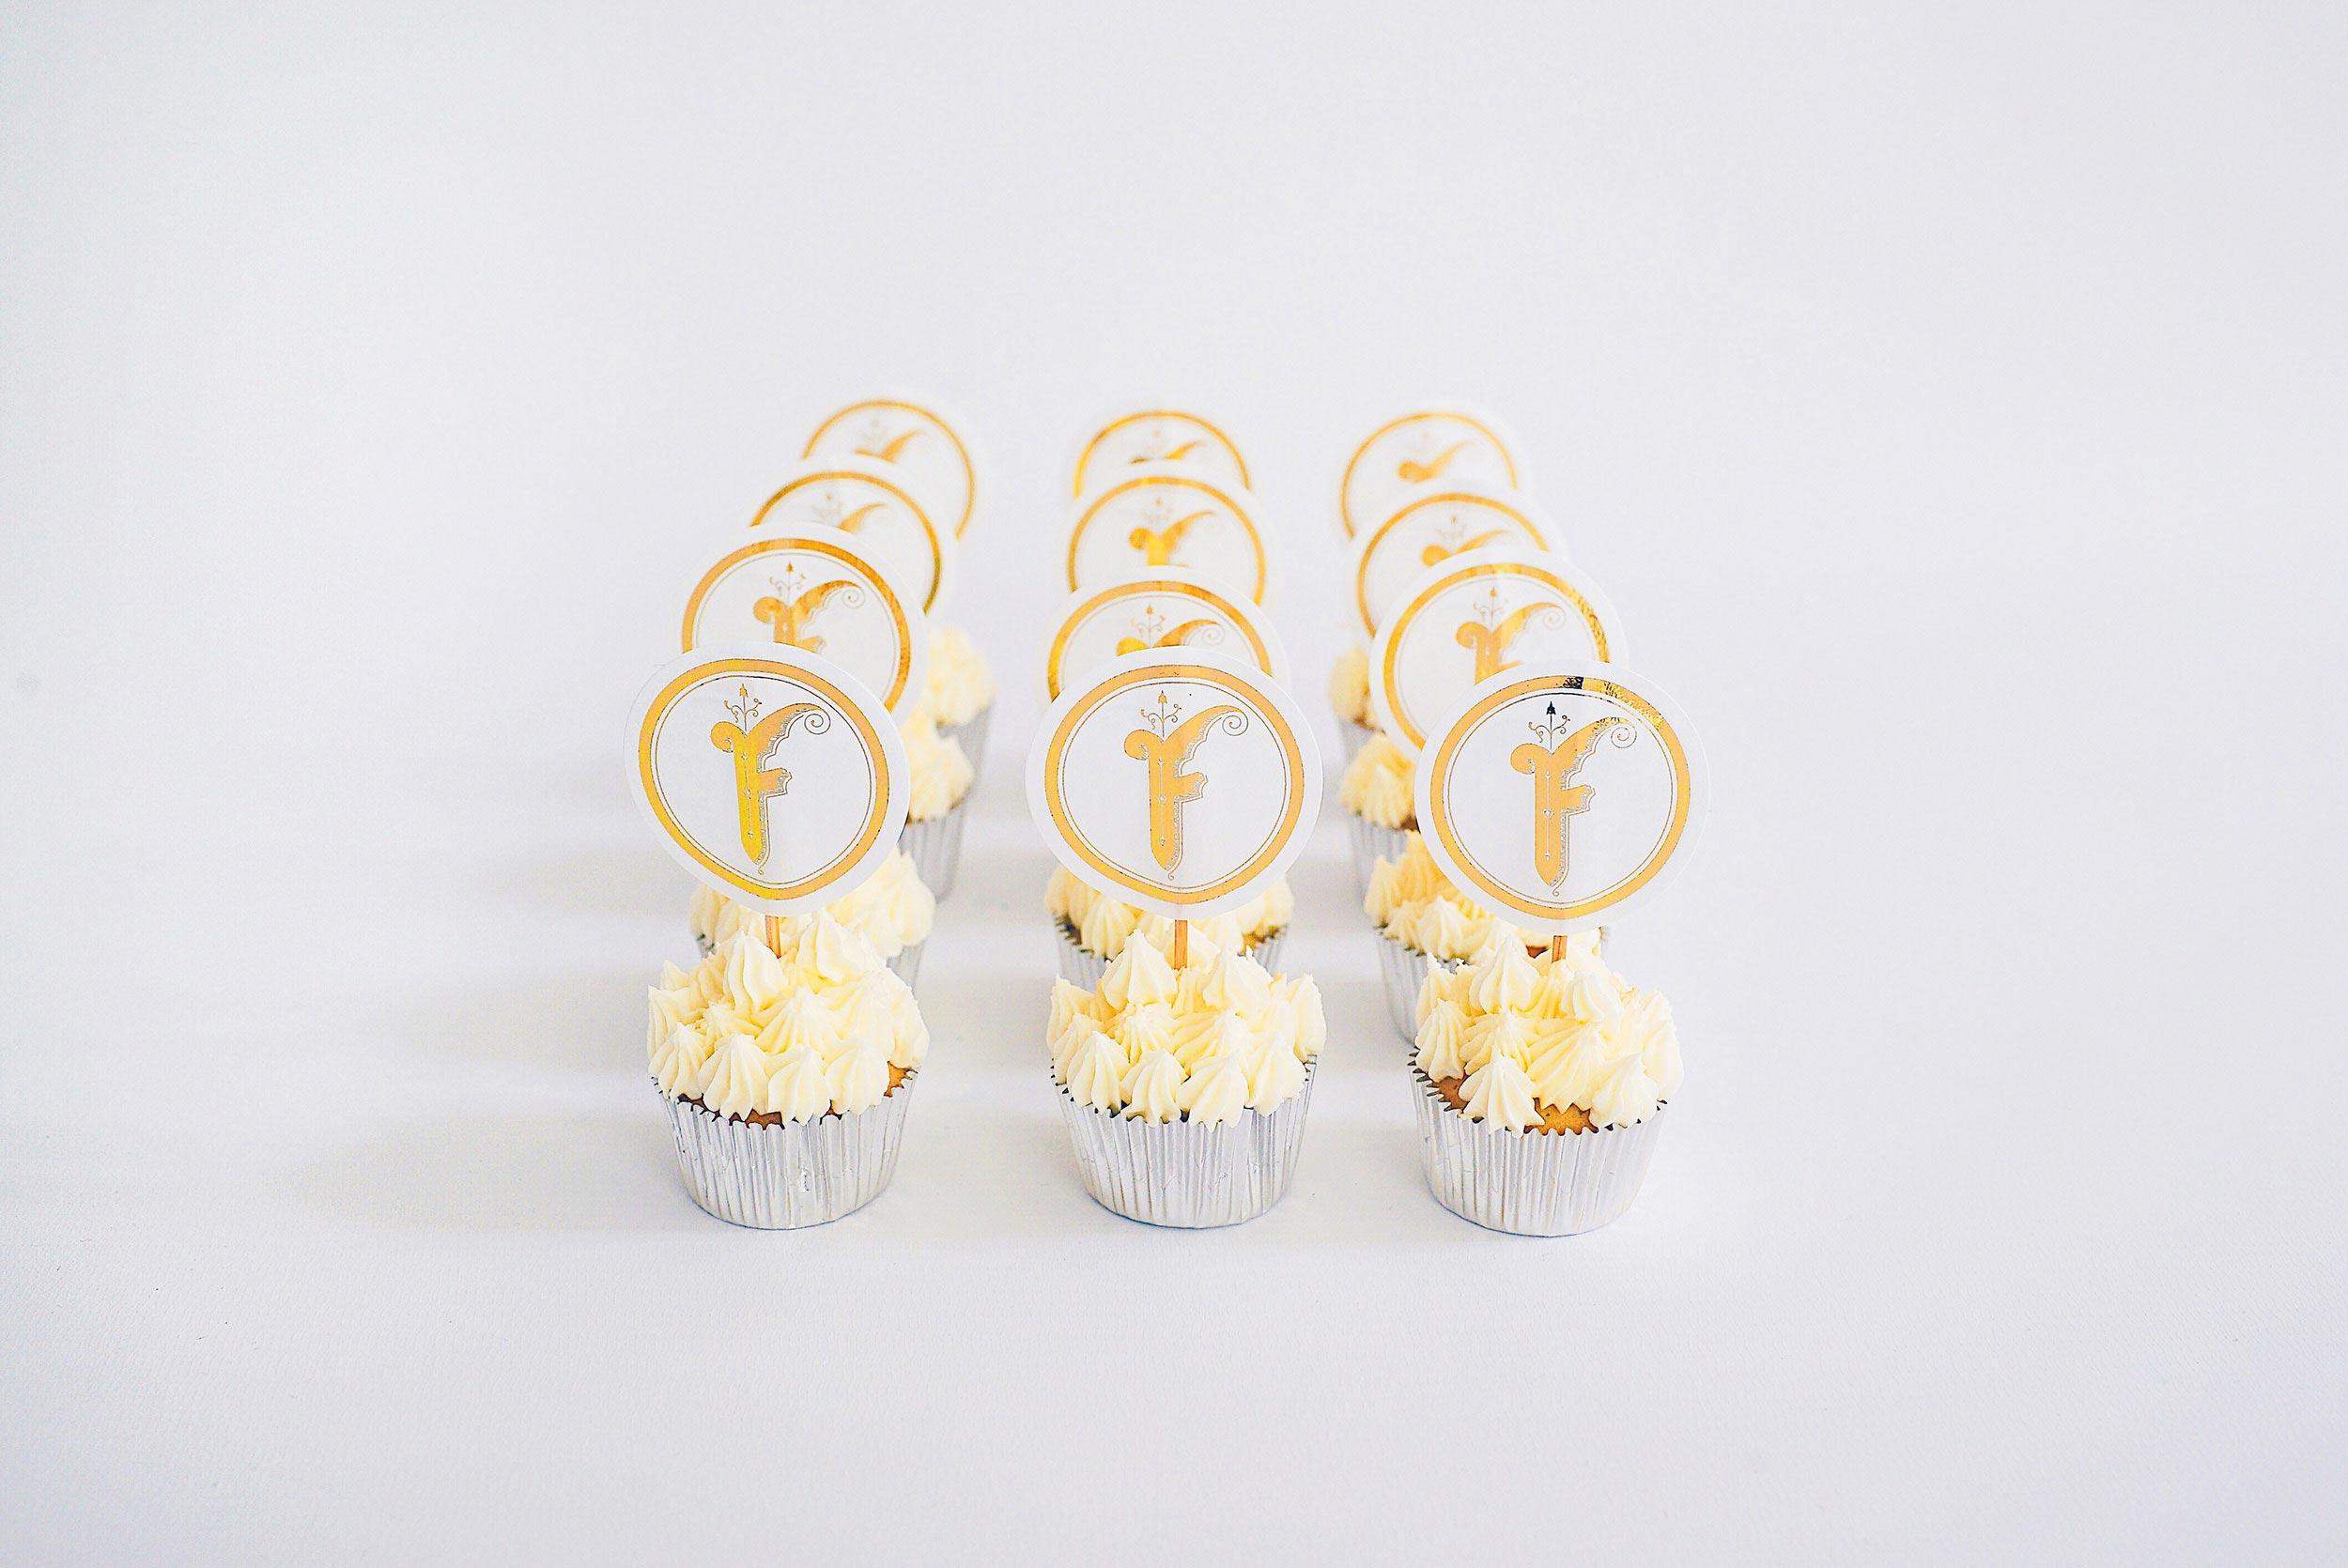 Fruitful Corporate Cakes